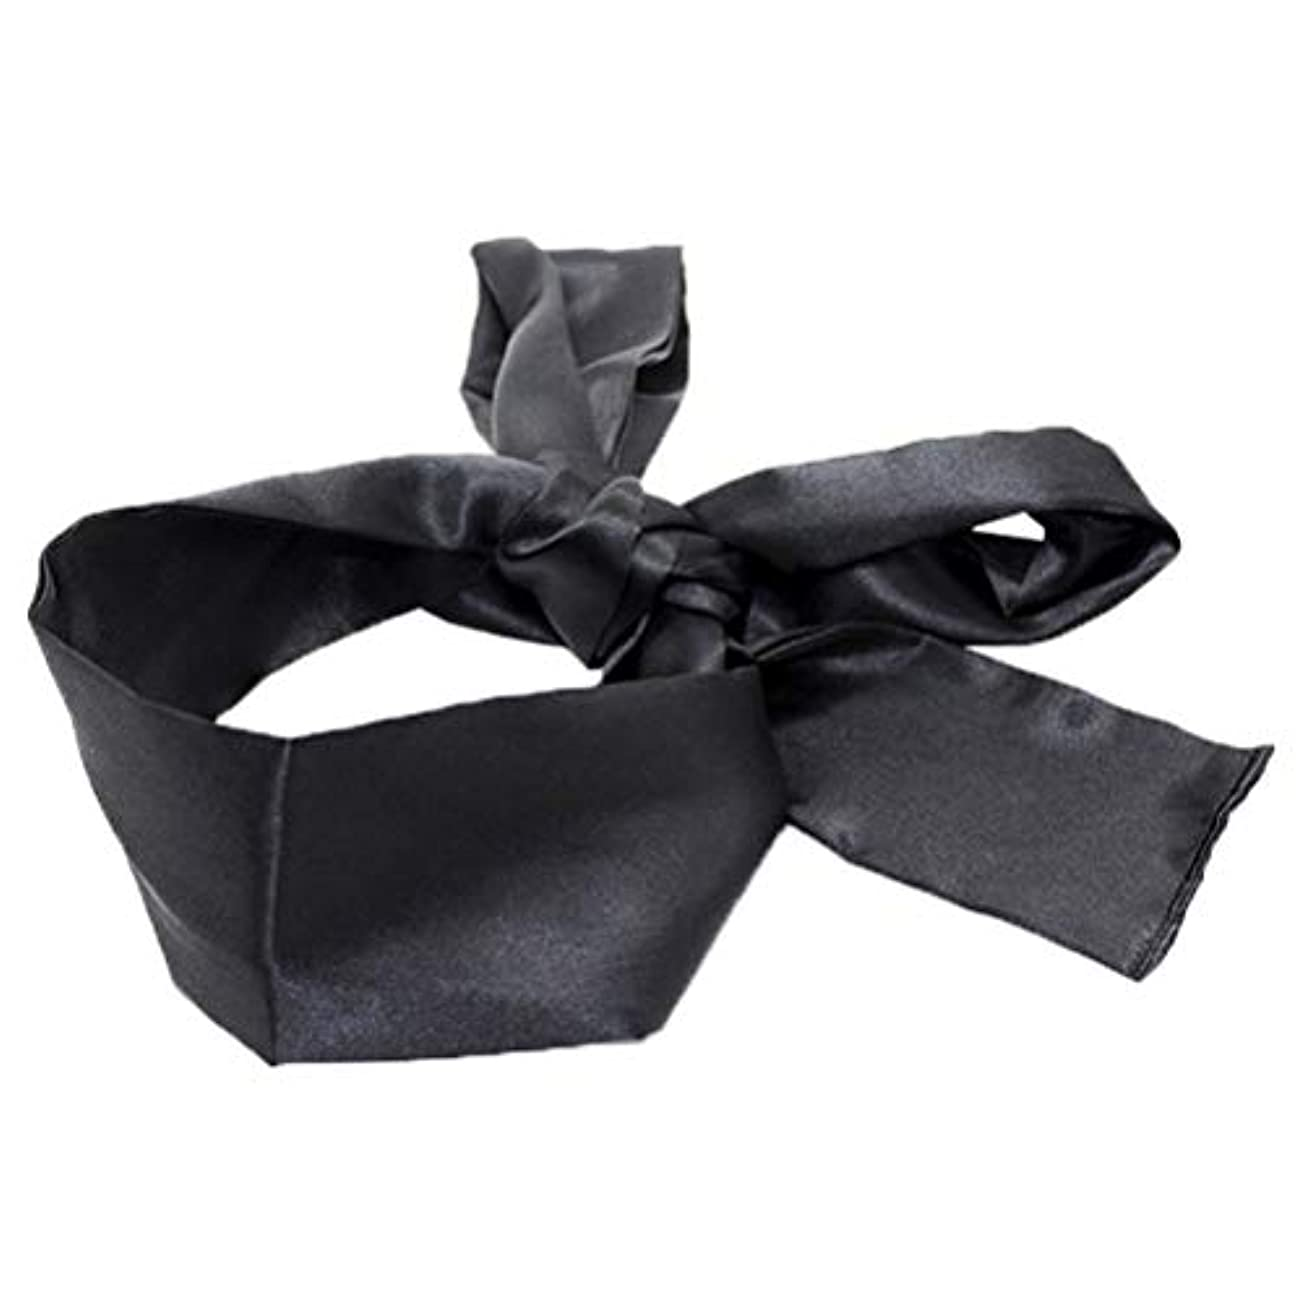 ドロップ集める代表してHEALIFTY 睡眠マスクホームトラベルコスチューム小道具(ブラック)用サテン目隠しソフト快適なアイマスクバンドブラインダー